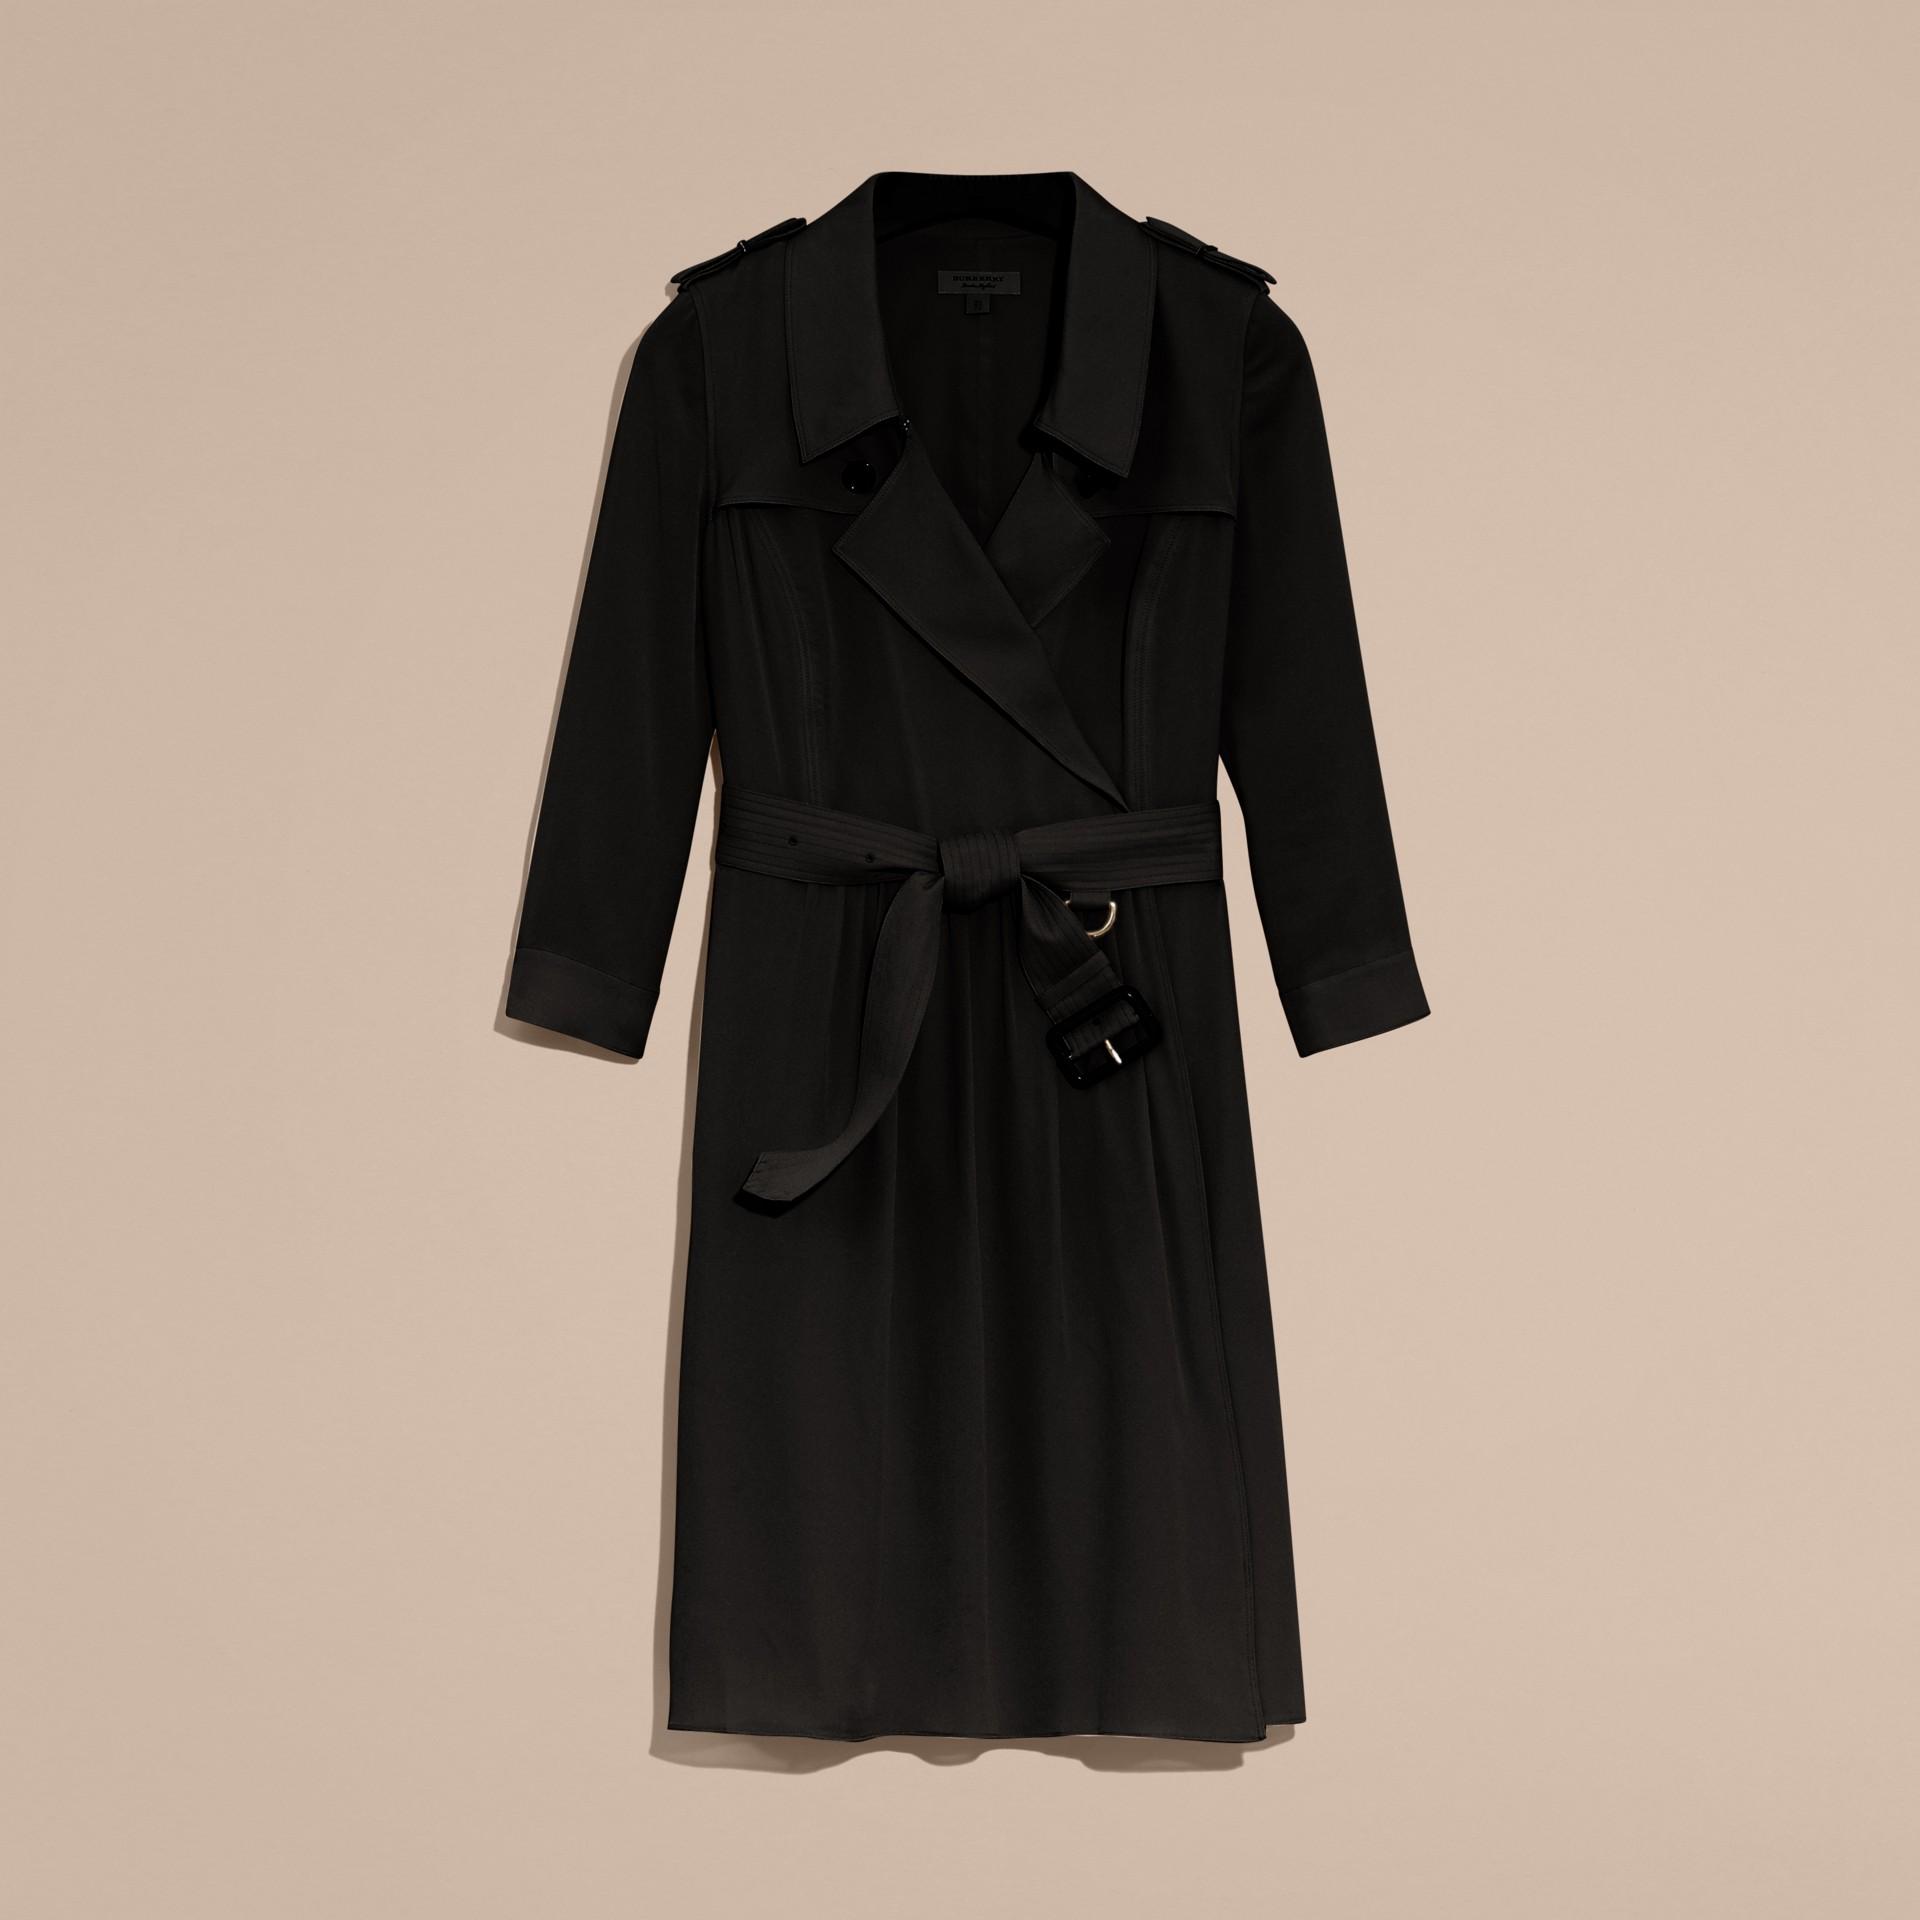 Trenchkleid aus Seide (Schwarz) - Damen | Burberry - Galerie-Bild 4